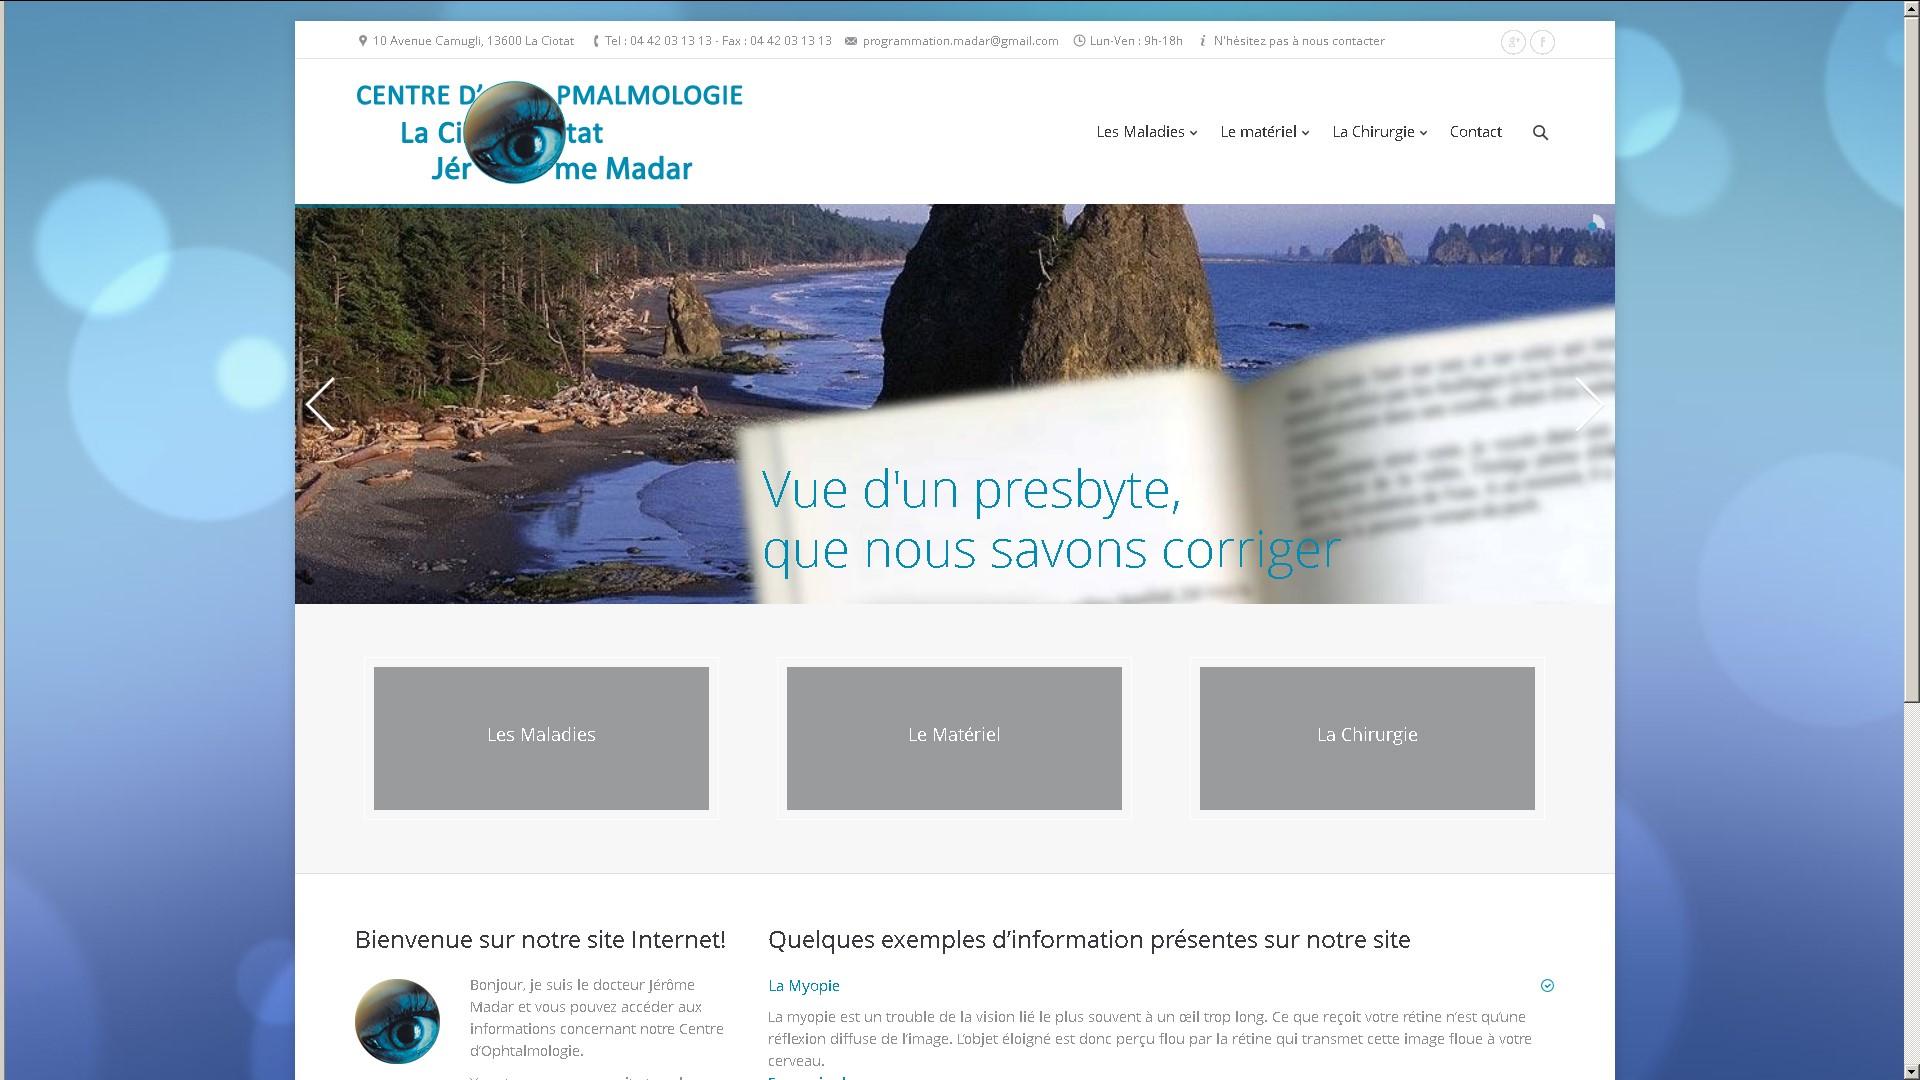 creation-site-internet-marseille-cabinet-ophtalmologie-laciotat-docteur-jerome-madar